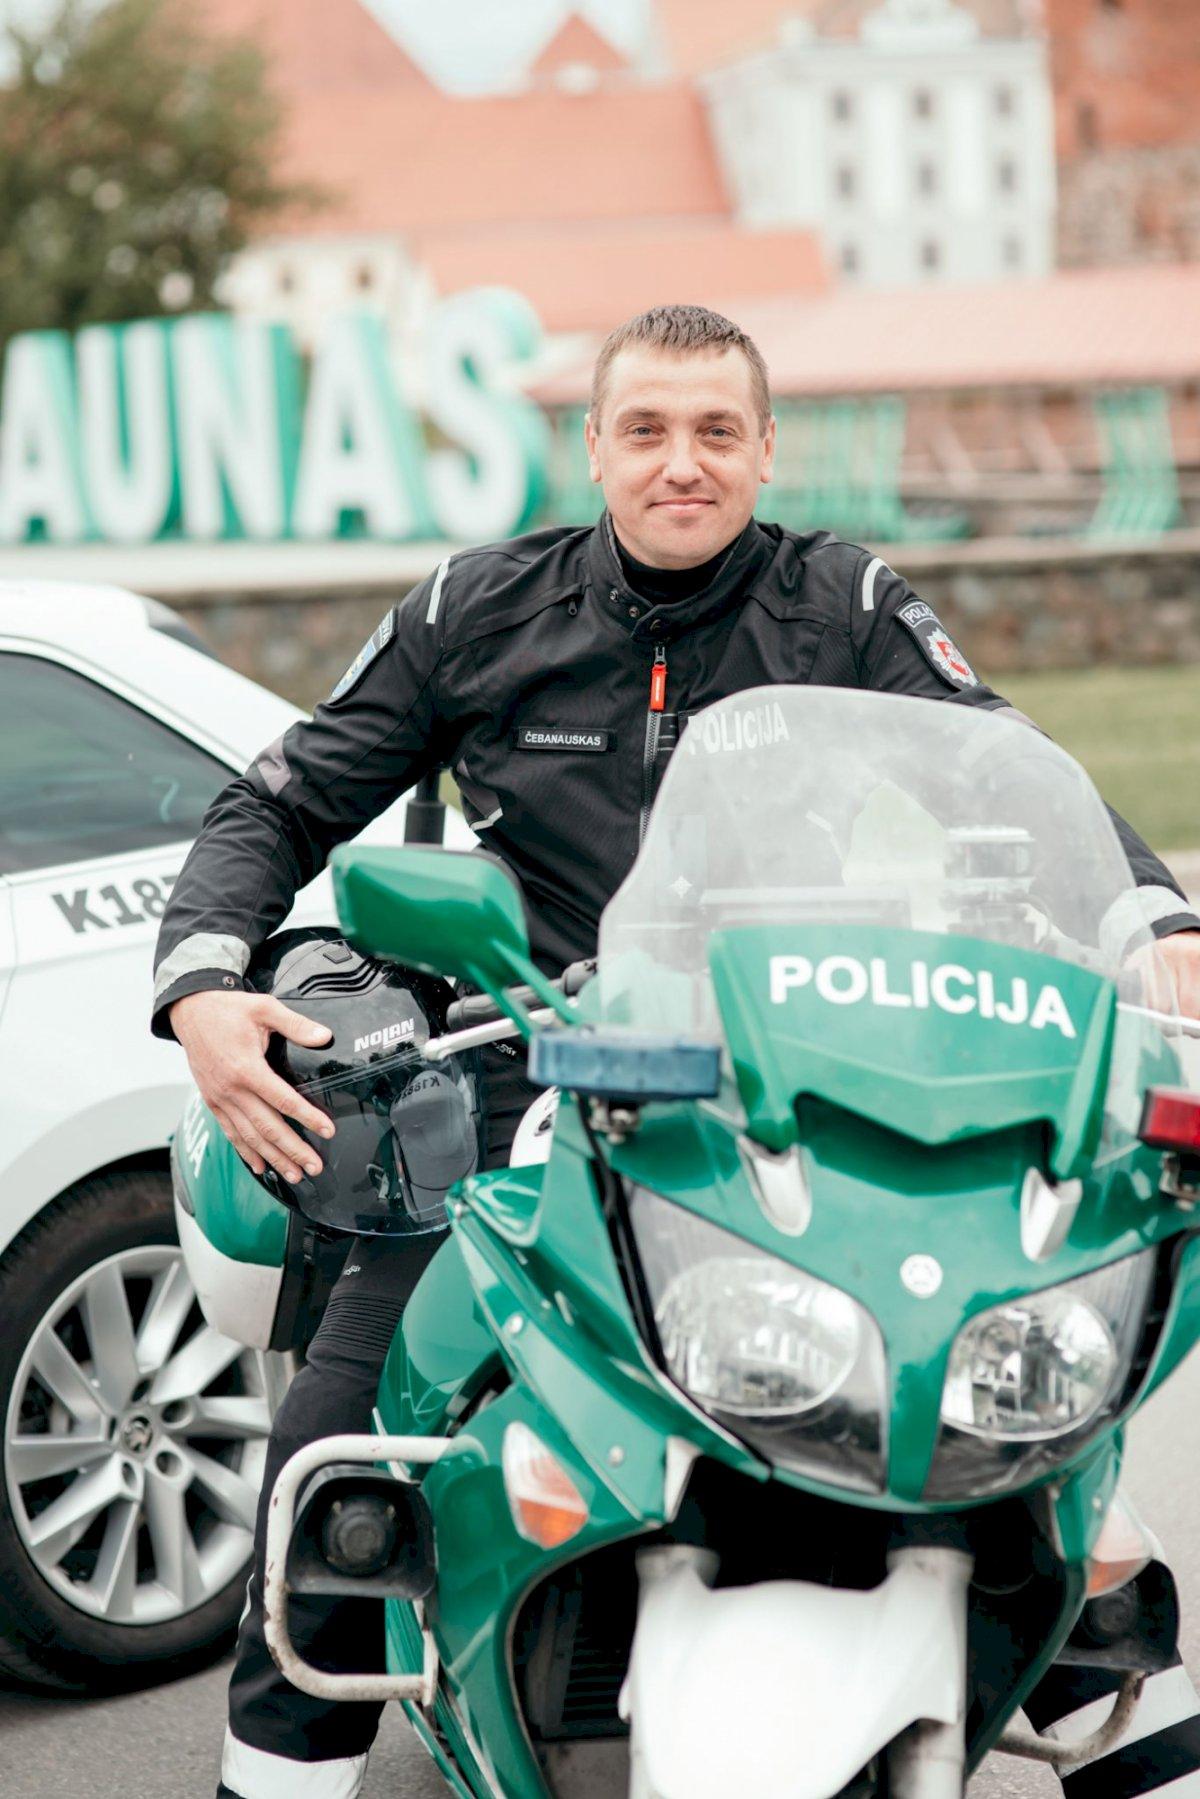 isibegejes-motociklu-sezonas-–-issukis-ir-policijos-pareigunams